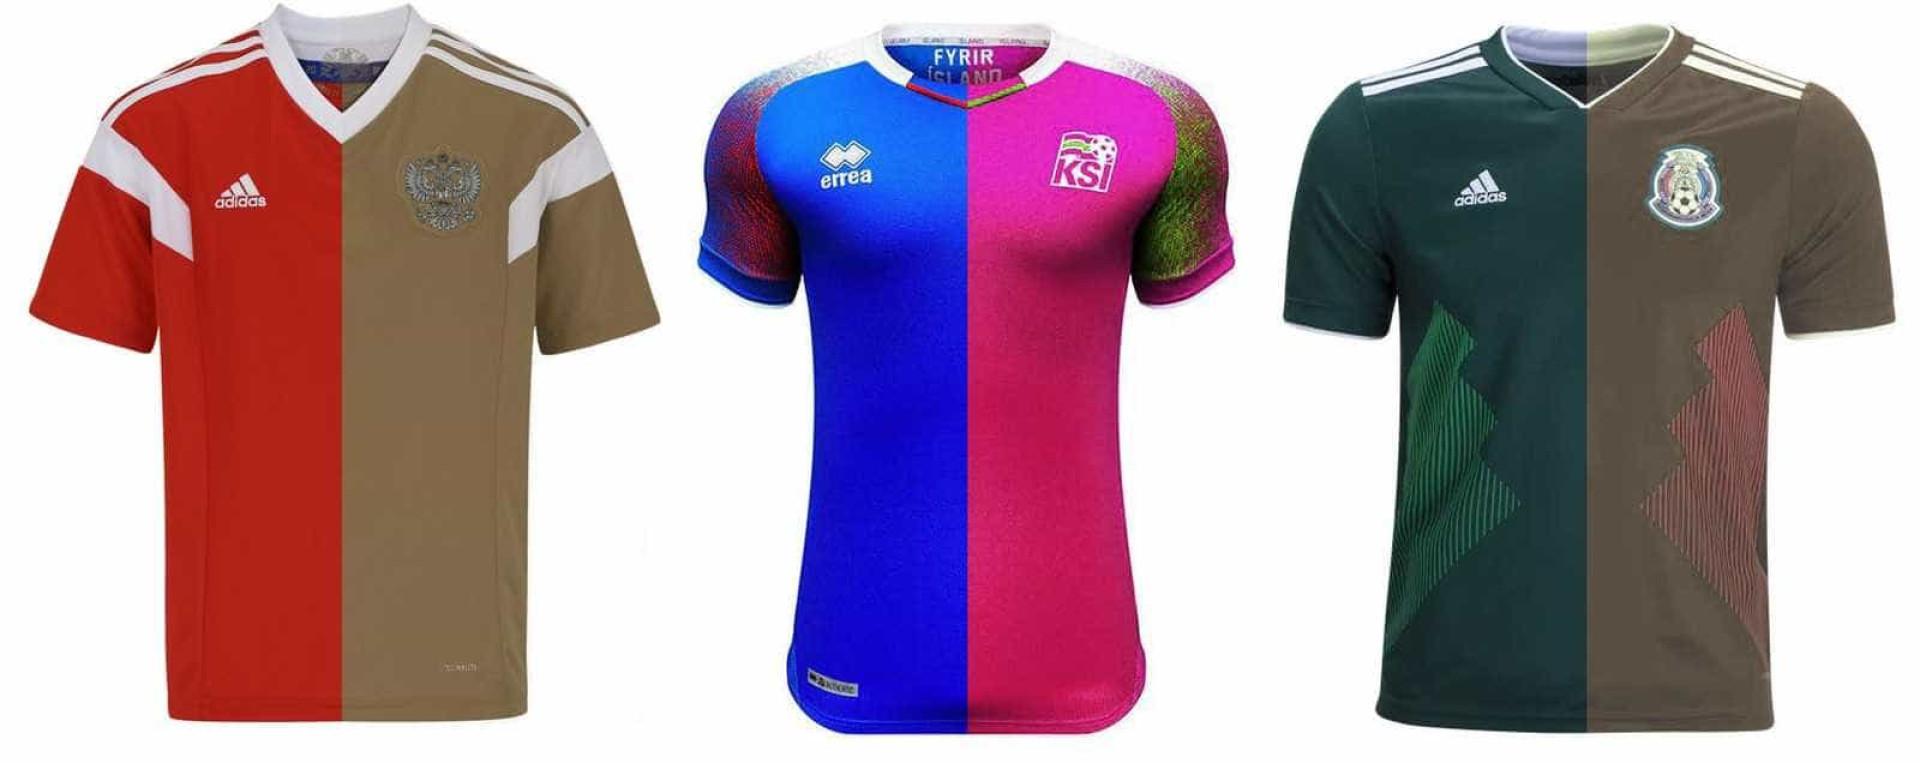 Daltonismo: cor da camisa na Copa é um problema para 9% das pessoas